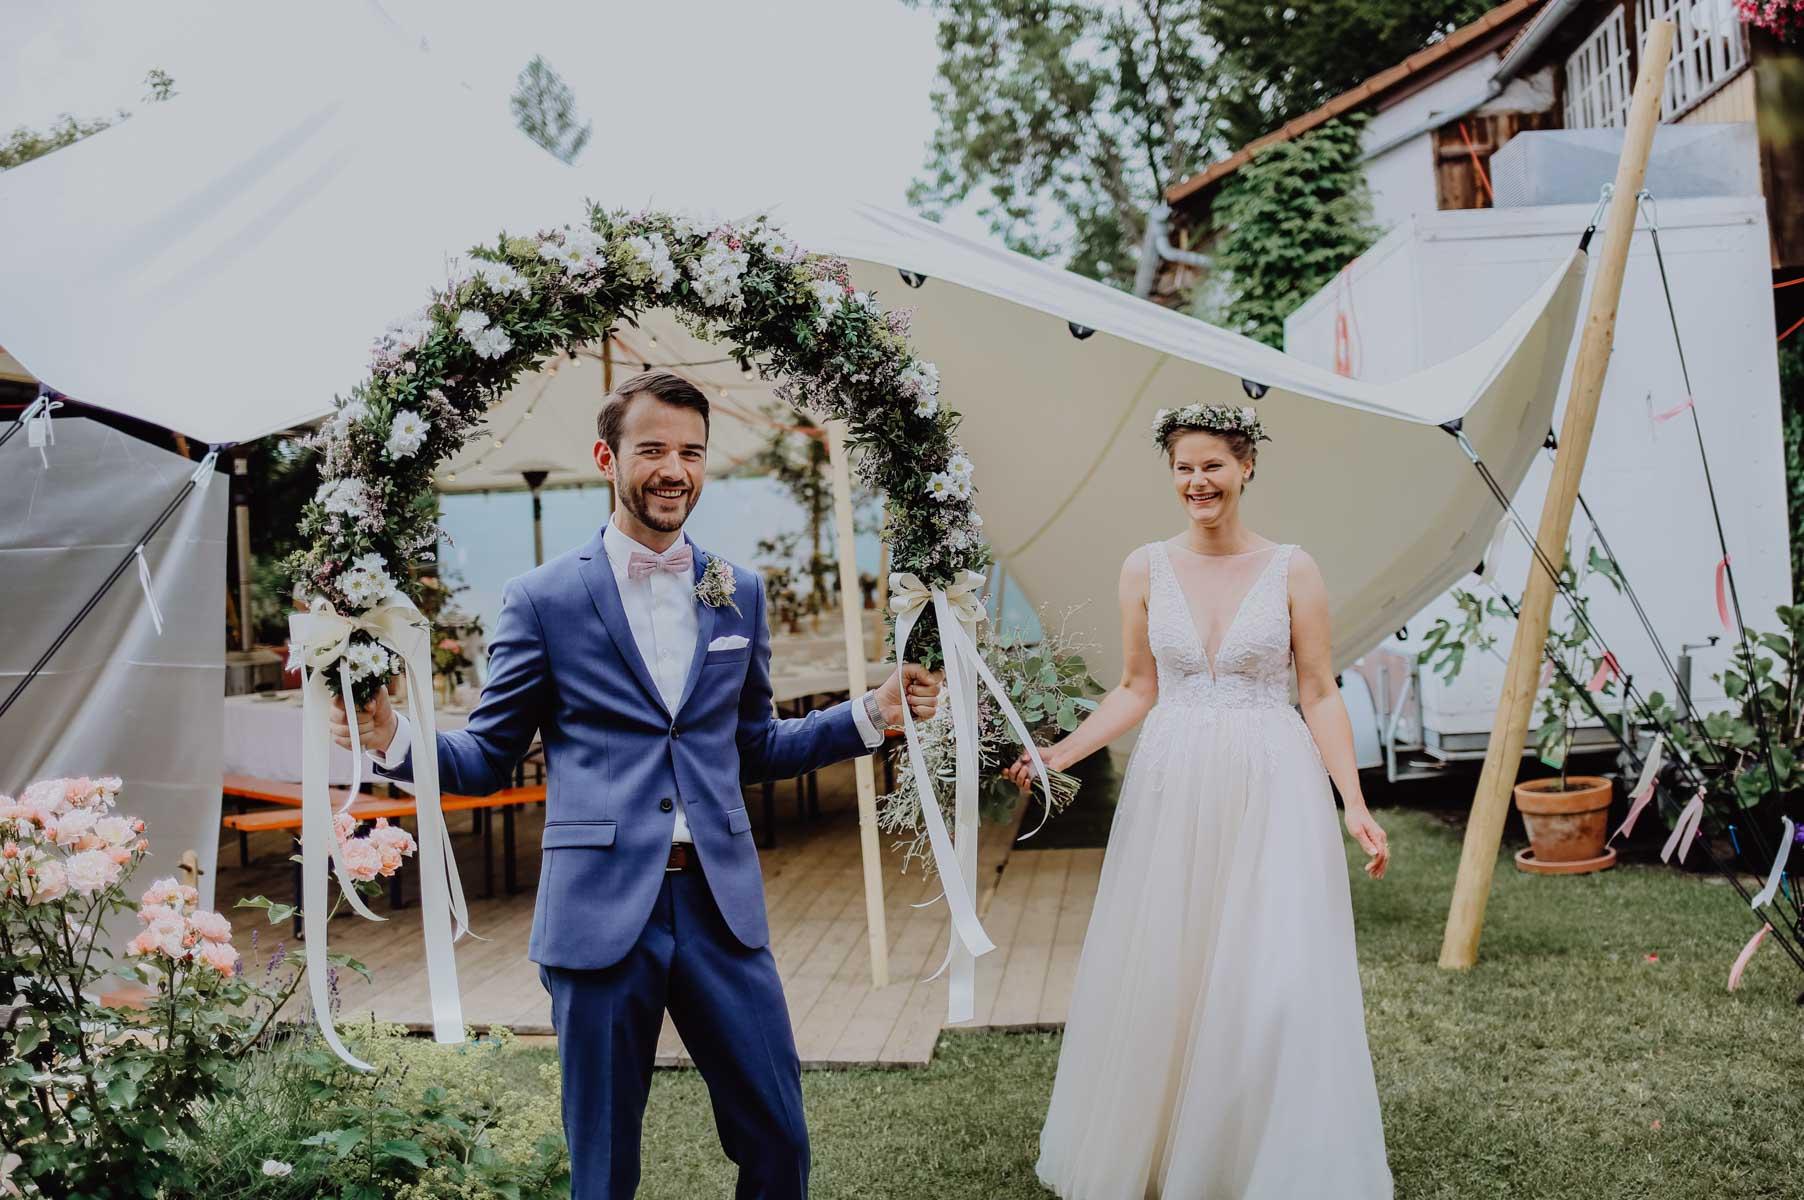 Bräutigam mit Blumenschmuck vor Zelt